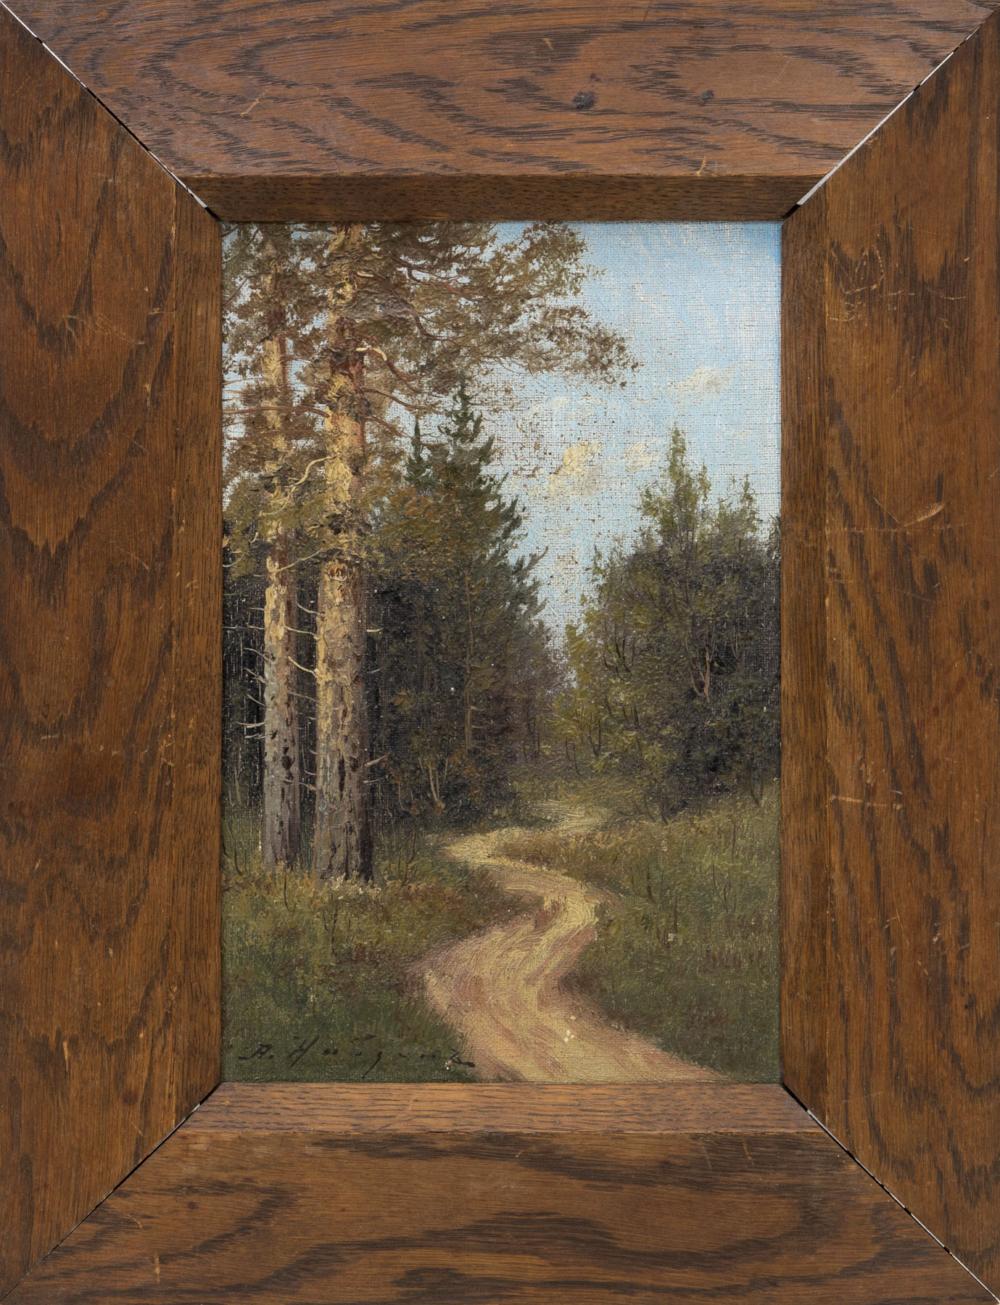 Картина «Дорожка в лесу»